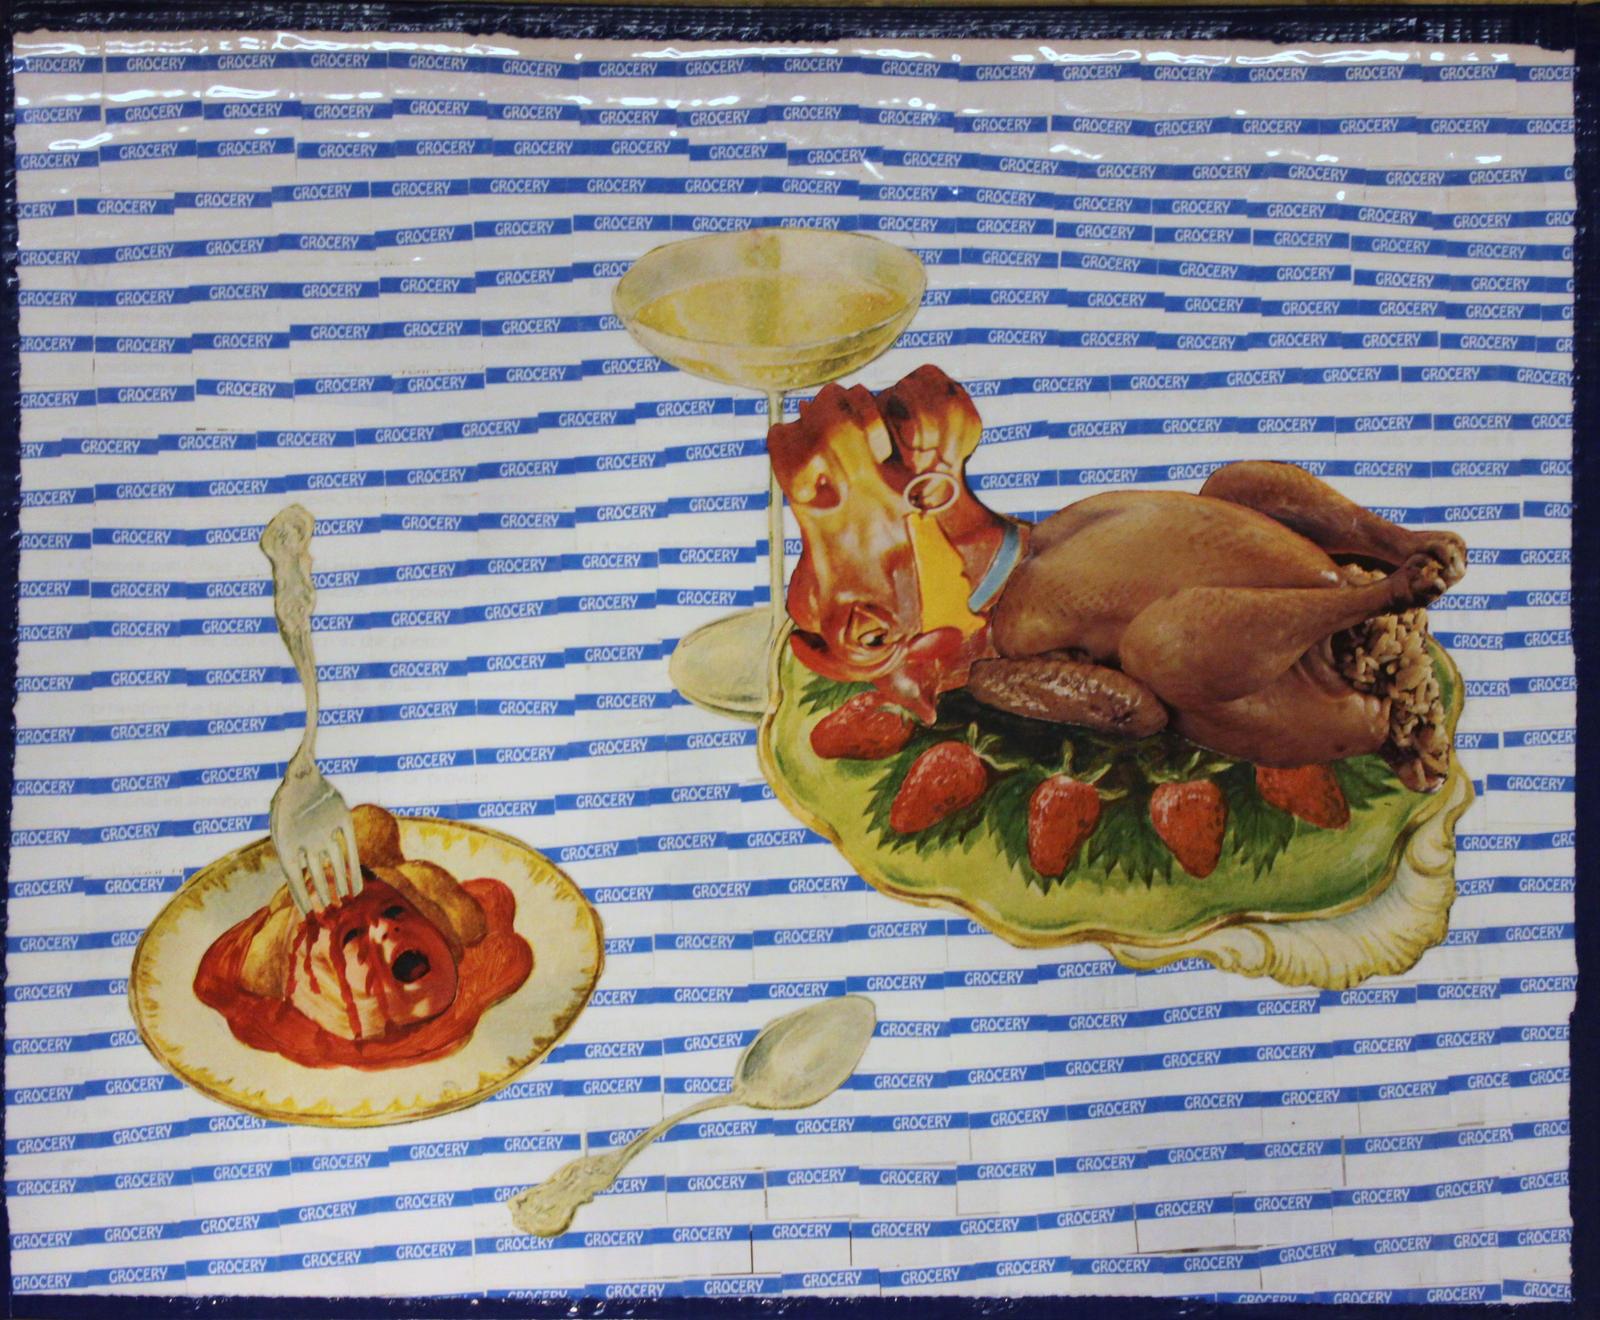 Winner Winner Chicken Dinner Wallpapers: Winner Winner Chicken Dinner By Live-by-evil On DeviantArt